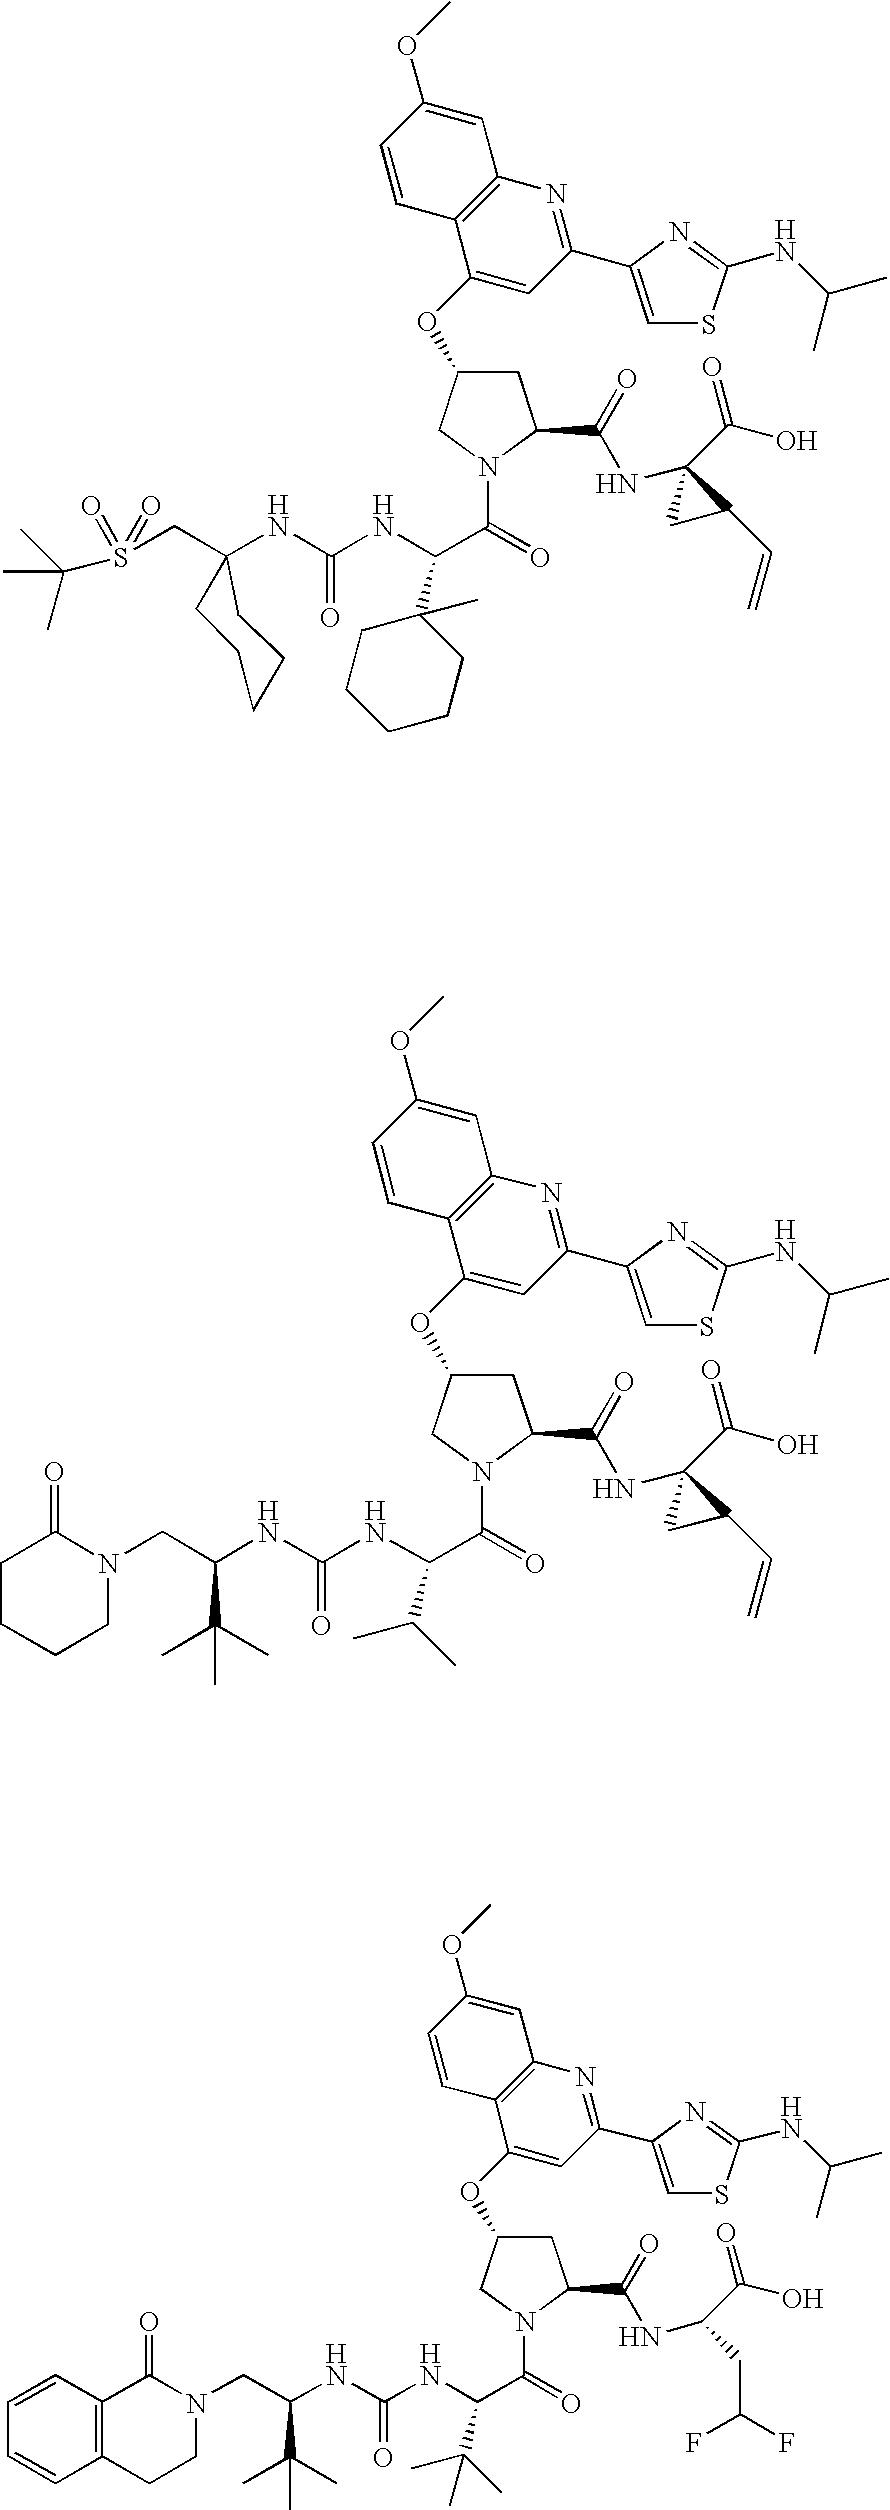 Figure US20060287248A1-20061221-C00189